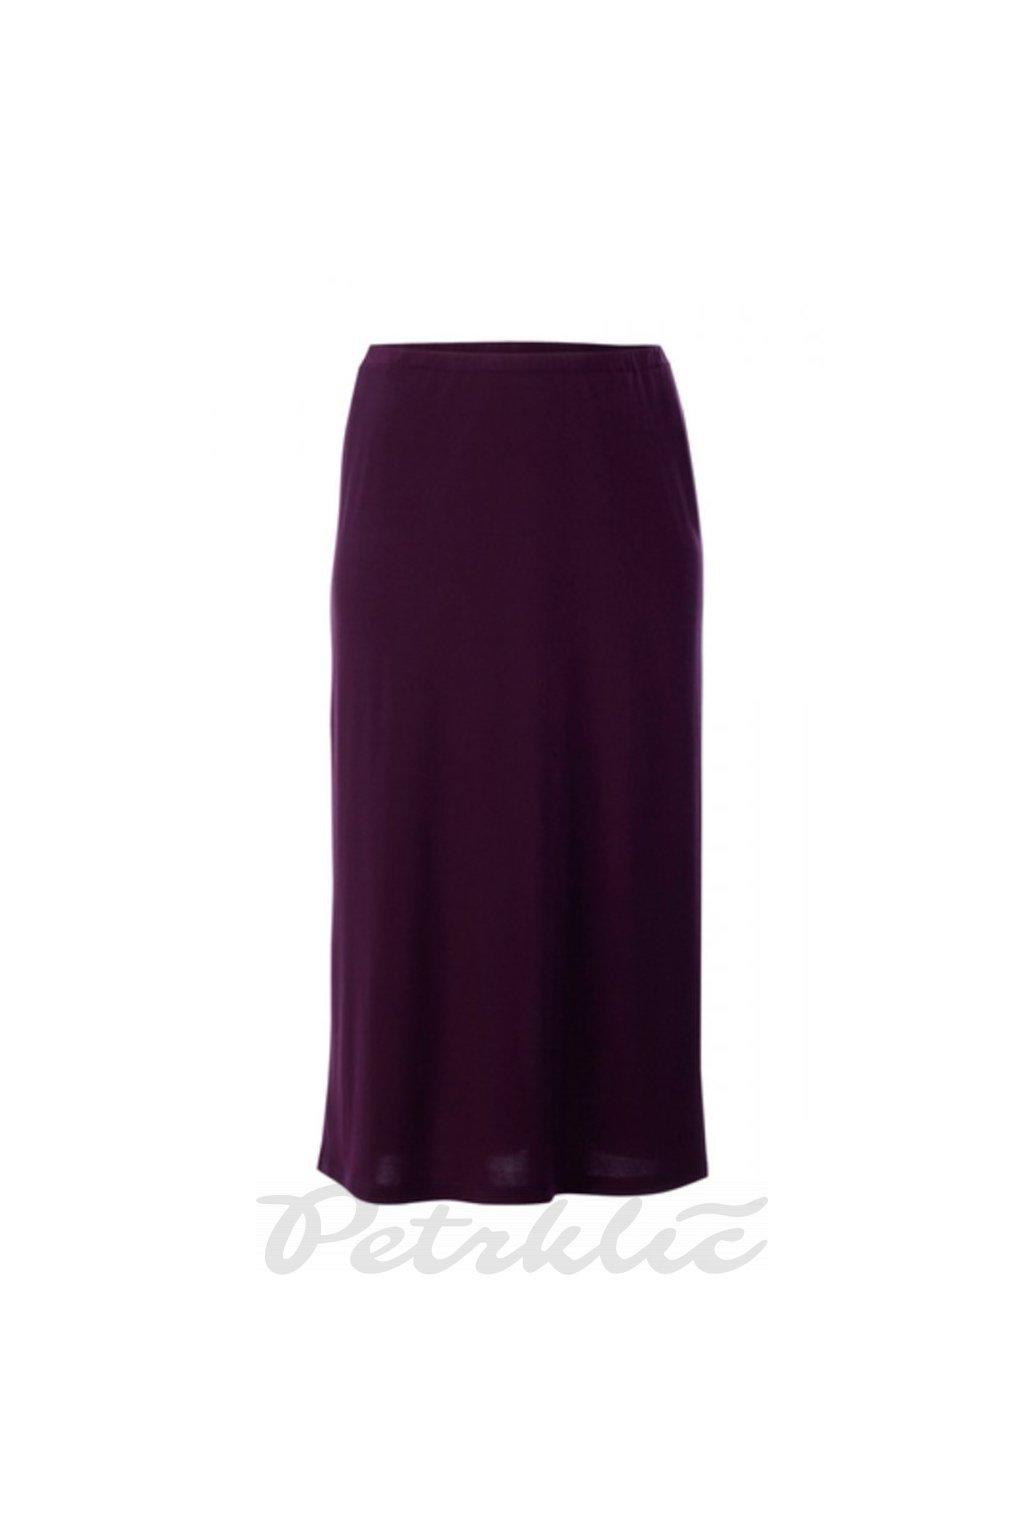 STELA - sukně 70 - 75 cm